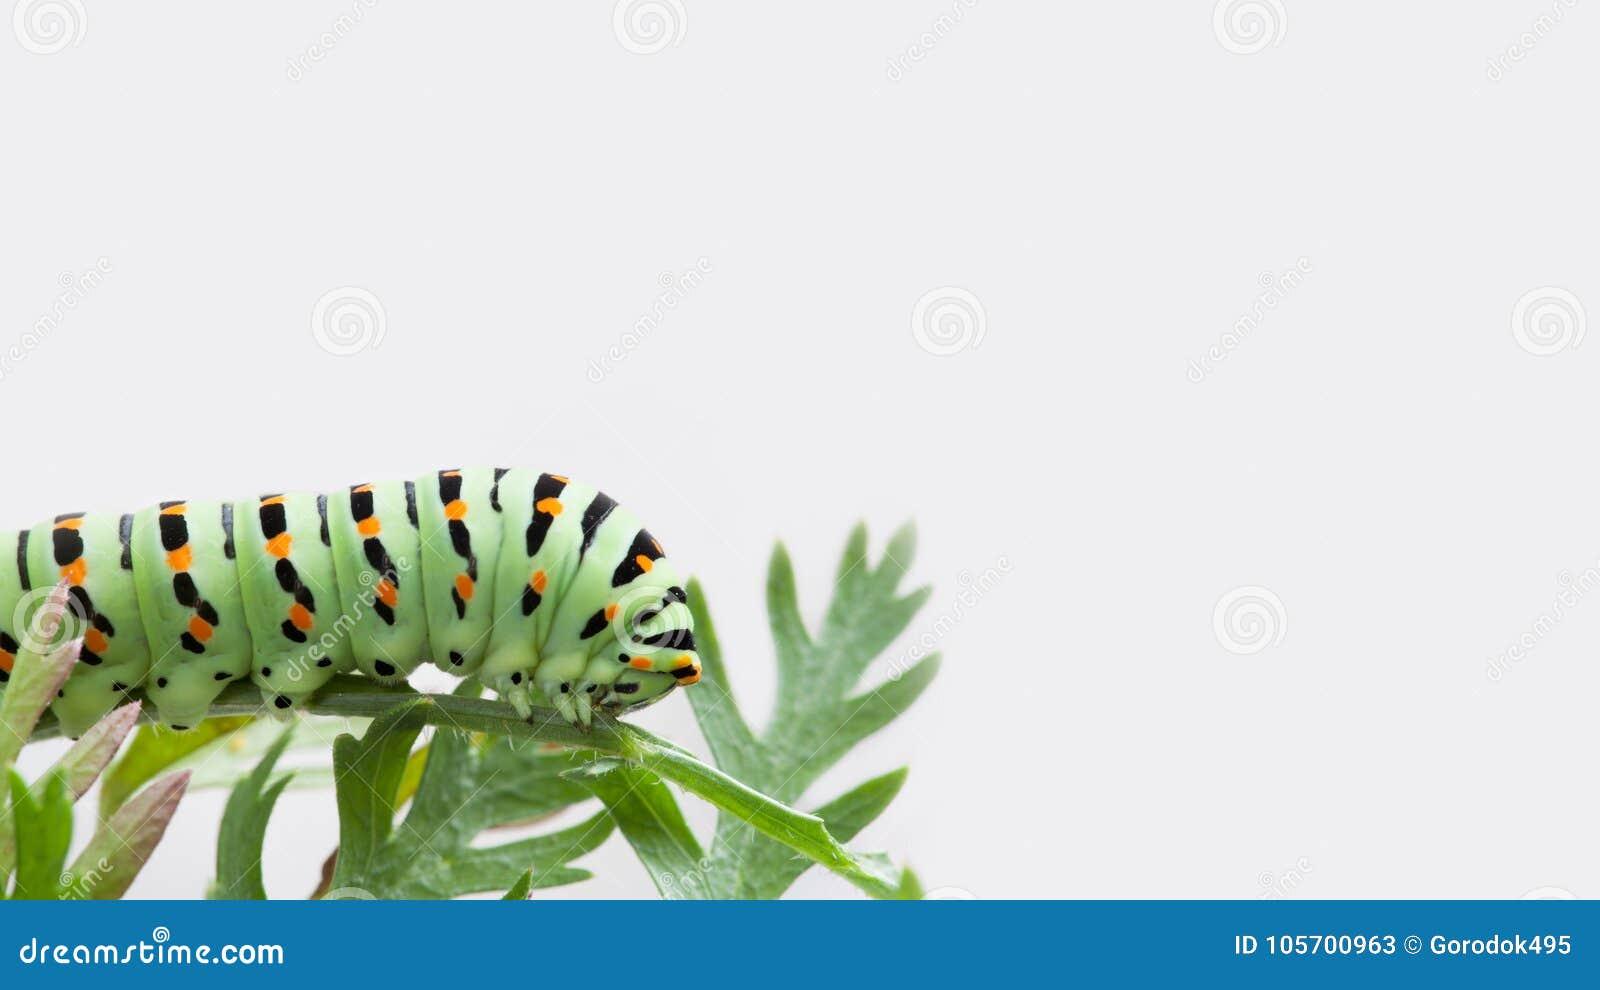 在灰色背景的宏观Papilio machaon毛虫蝴蝶 Beautifil绿色黑橙色昆虫掠食性动物昆虫